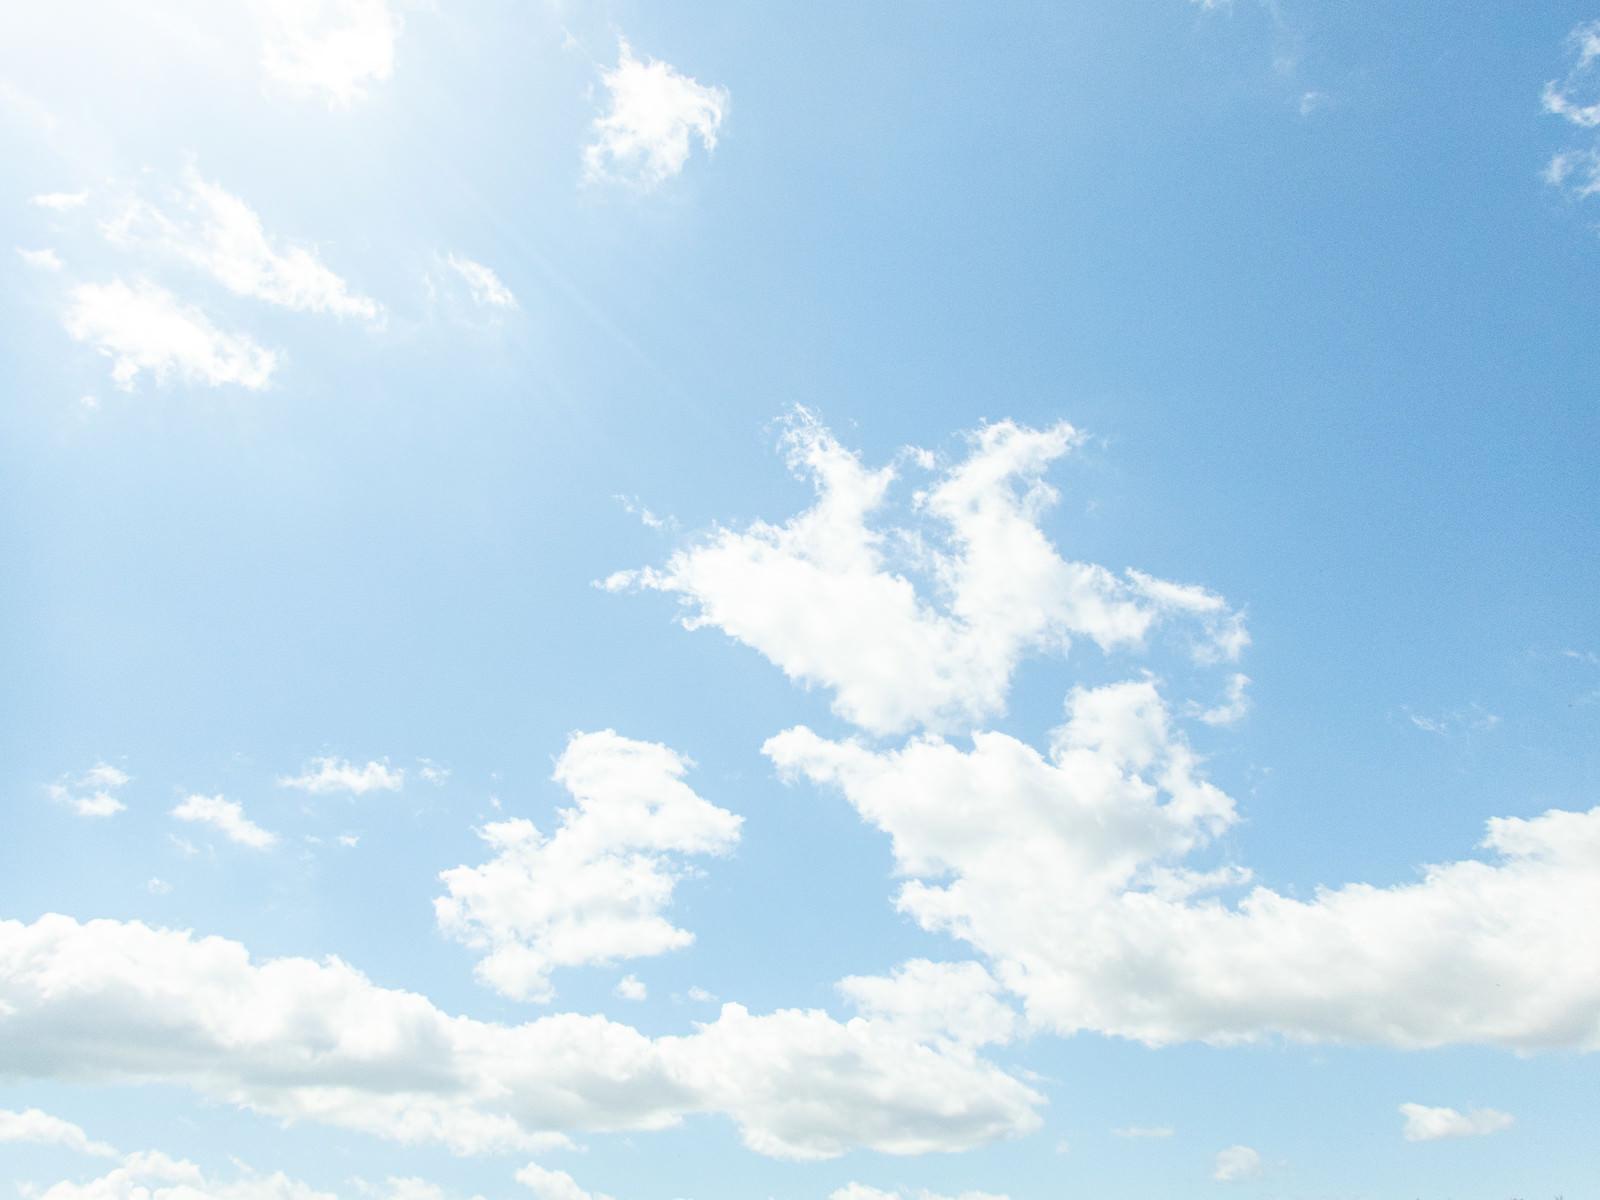 「頭上の太陽と澄んだ青空」の写真